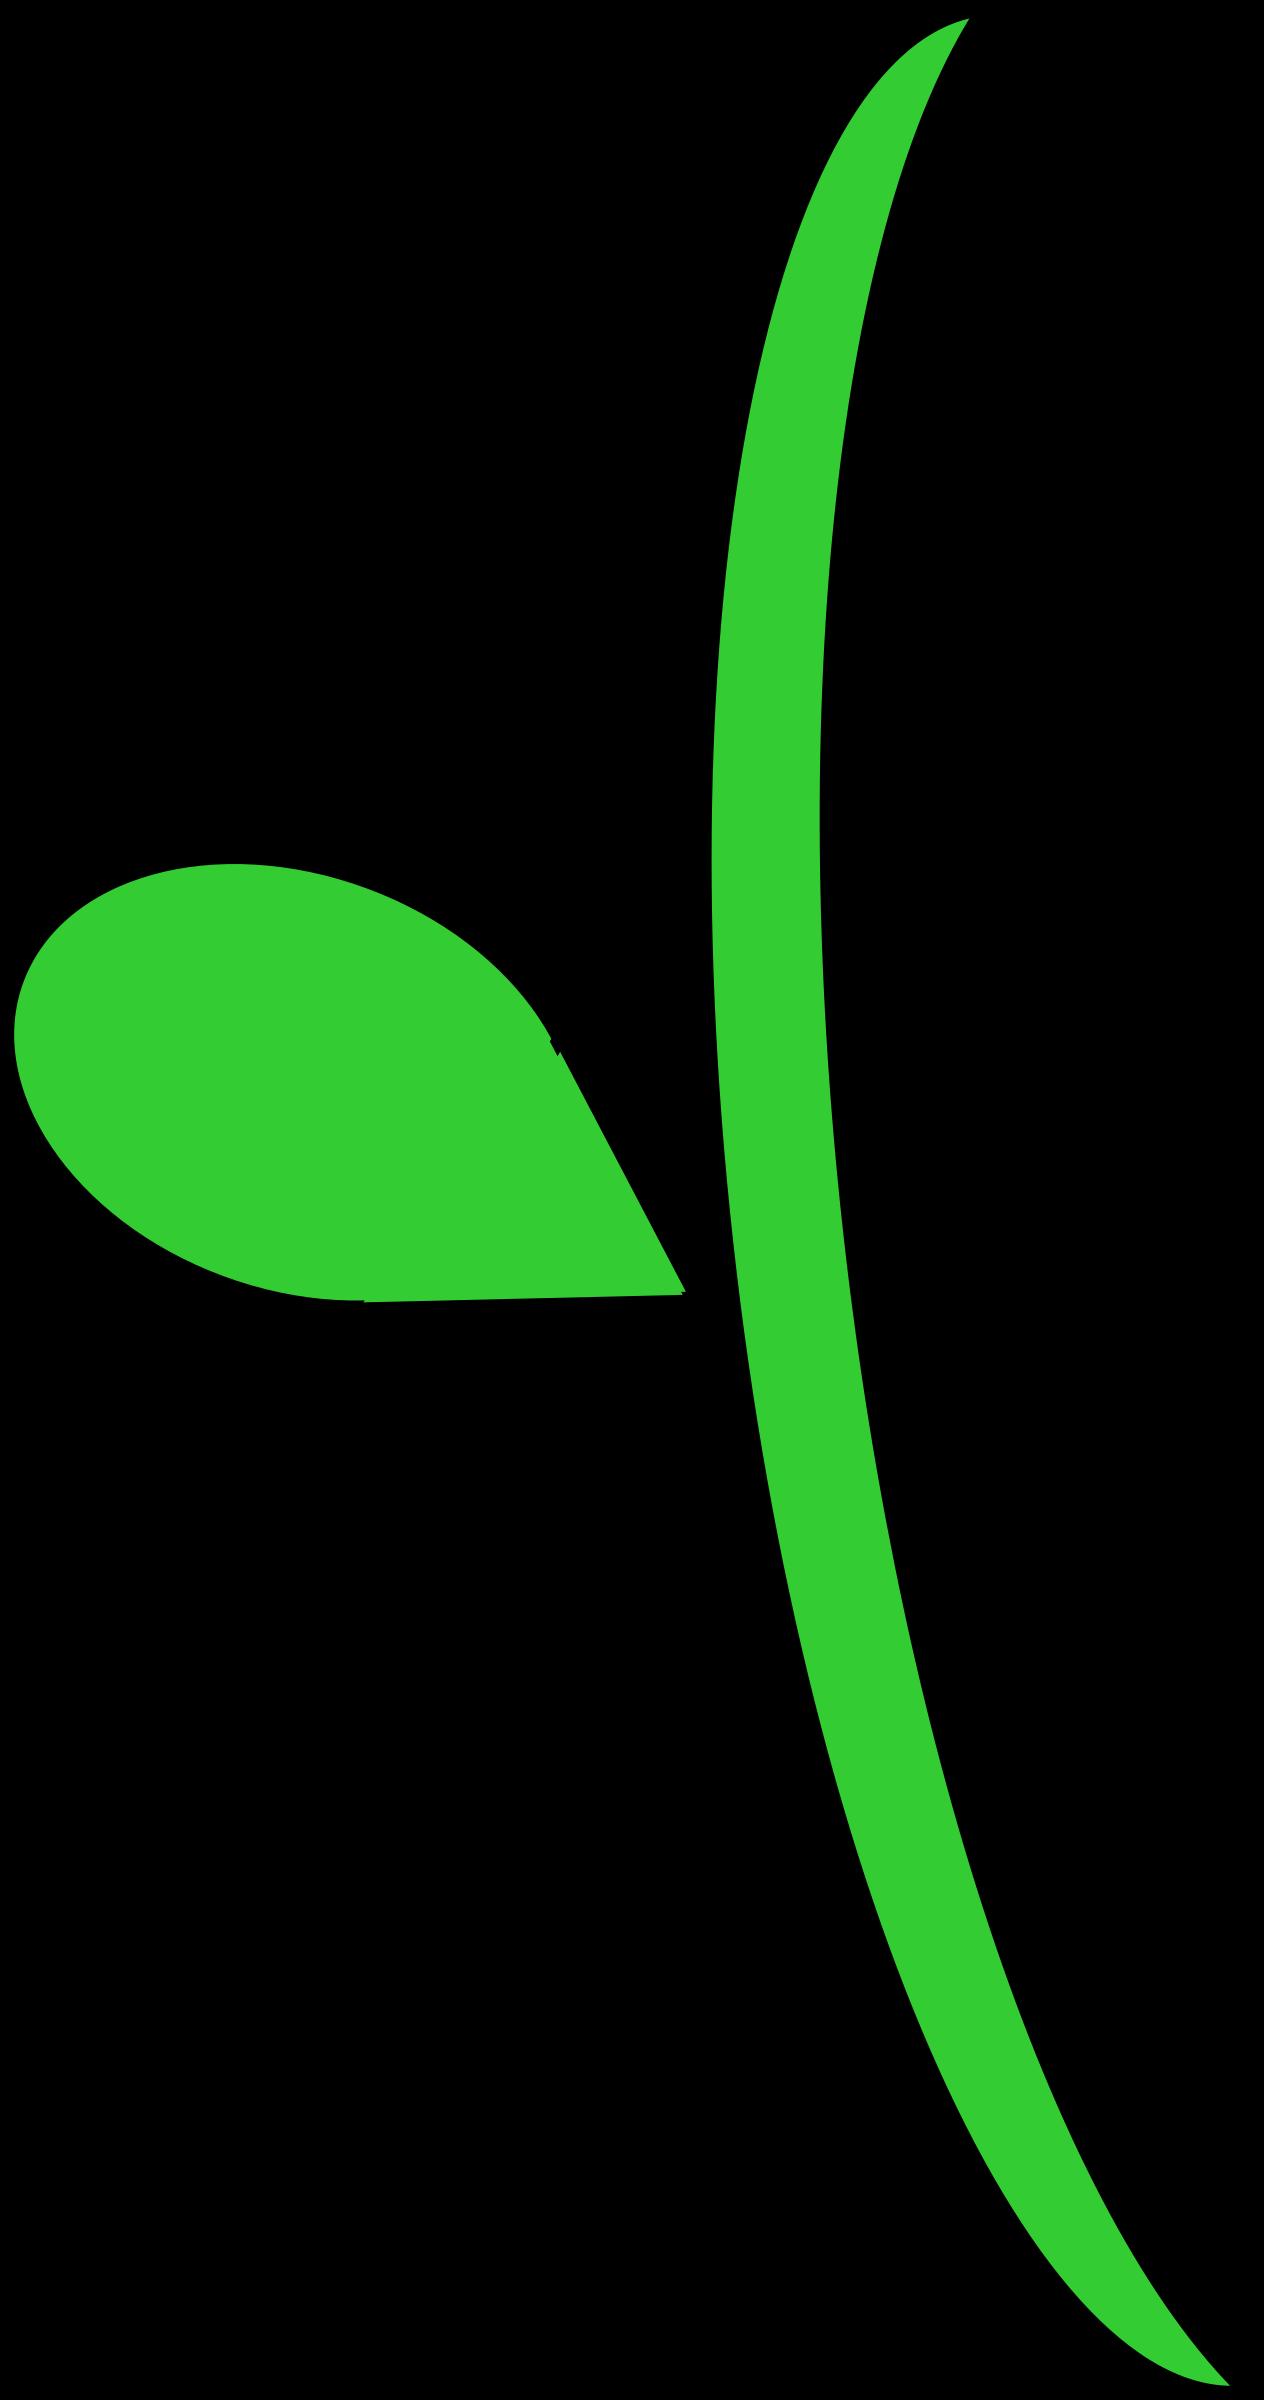 Curvy big image png. Seedling clipart leaf stem